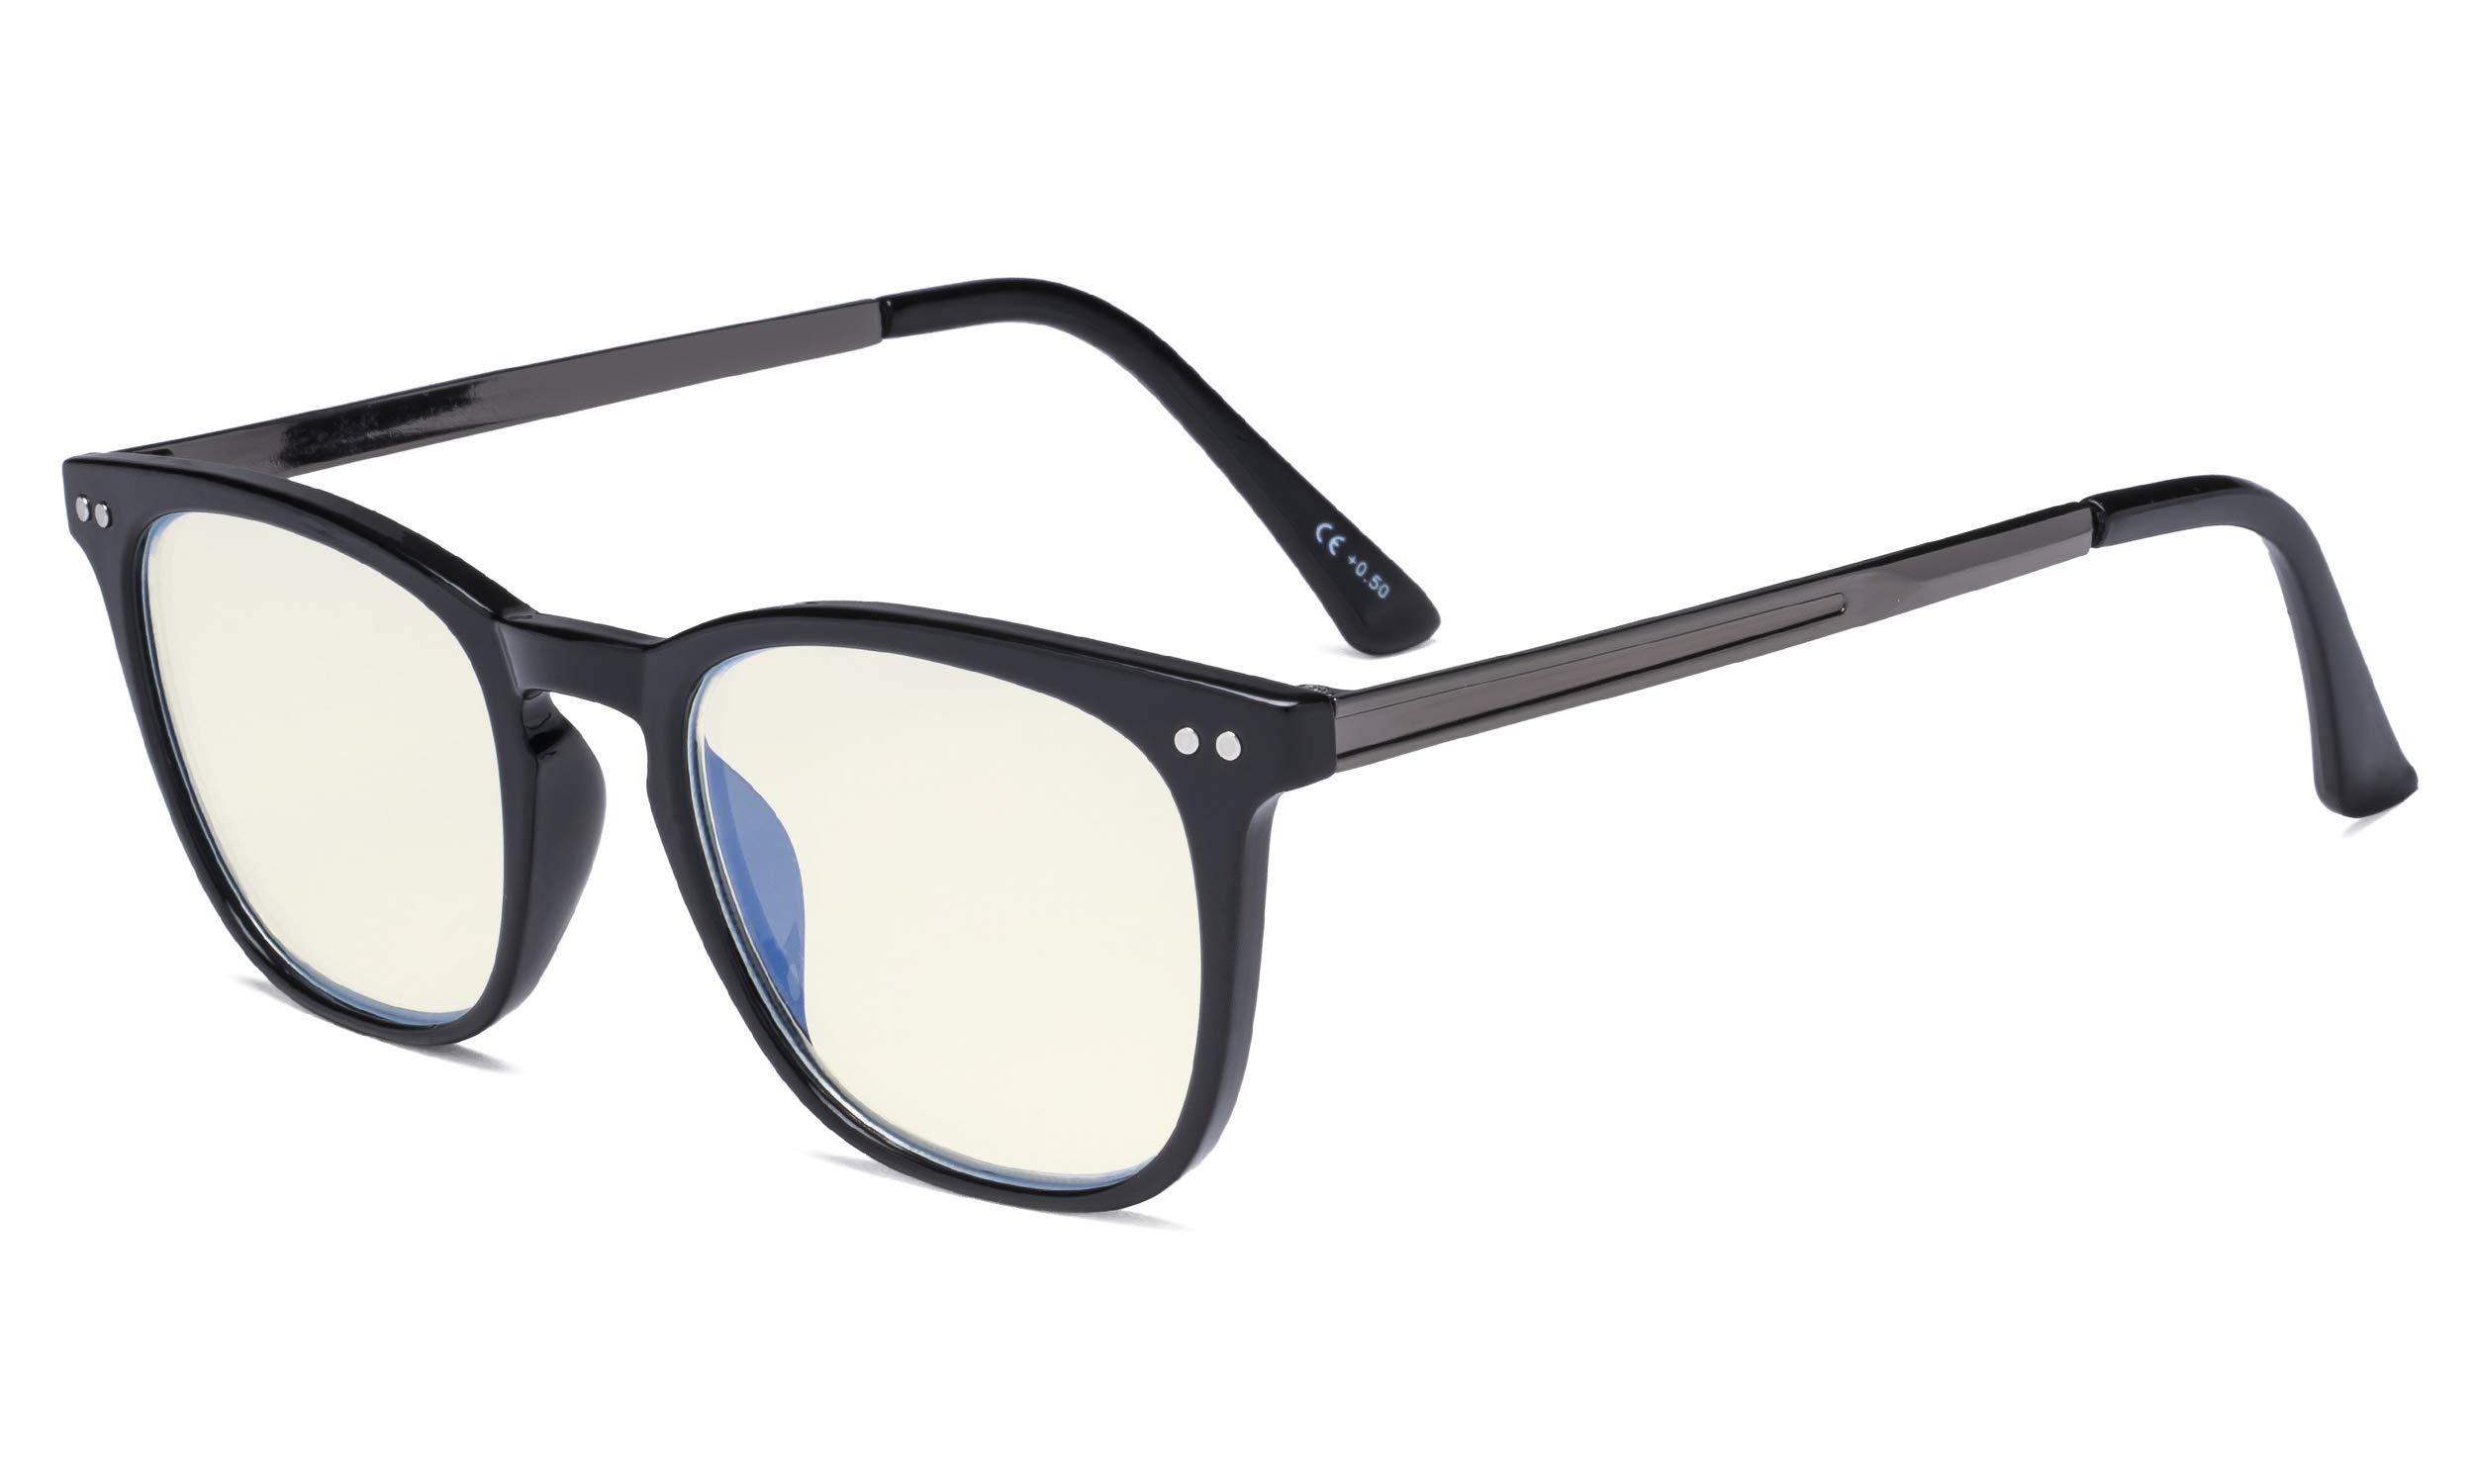 Eyekepper Blue Light Filter Glasses Men Women - Blocking UV Rays Anti Screen Glare Retro Computer Reading Glasses - Black Frame +2.75